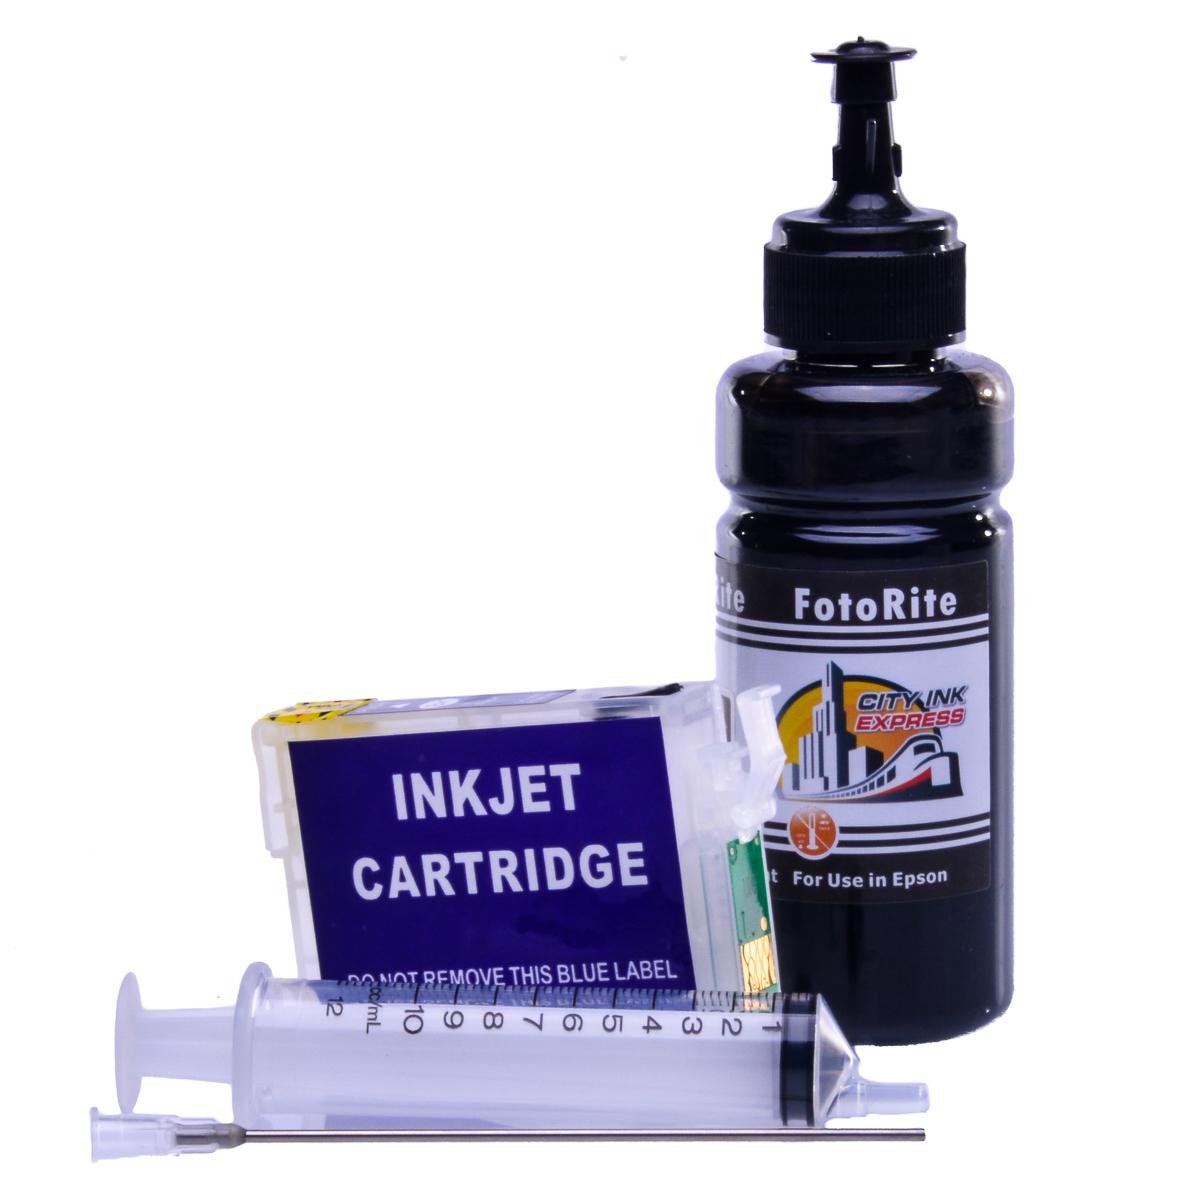 Refillable pigment Cheap printer cartridges for Epson XP-352 C13T29814010 T2981 Black